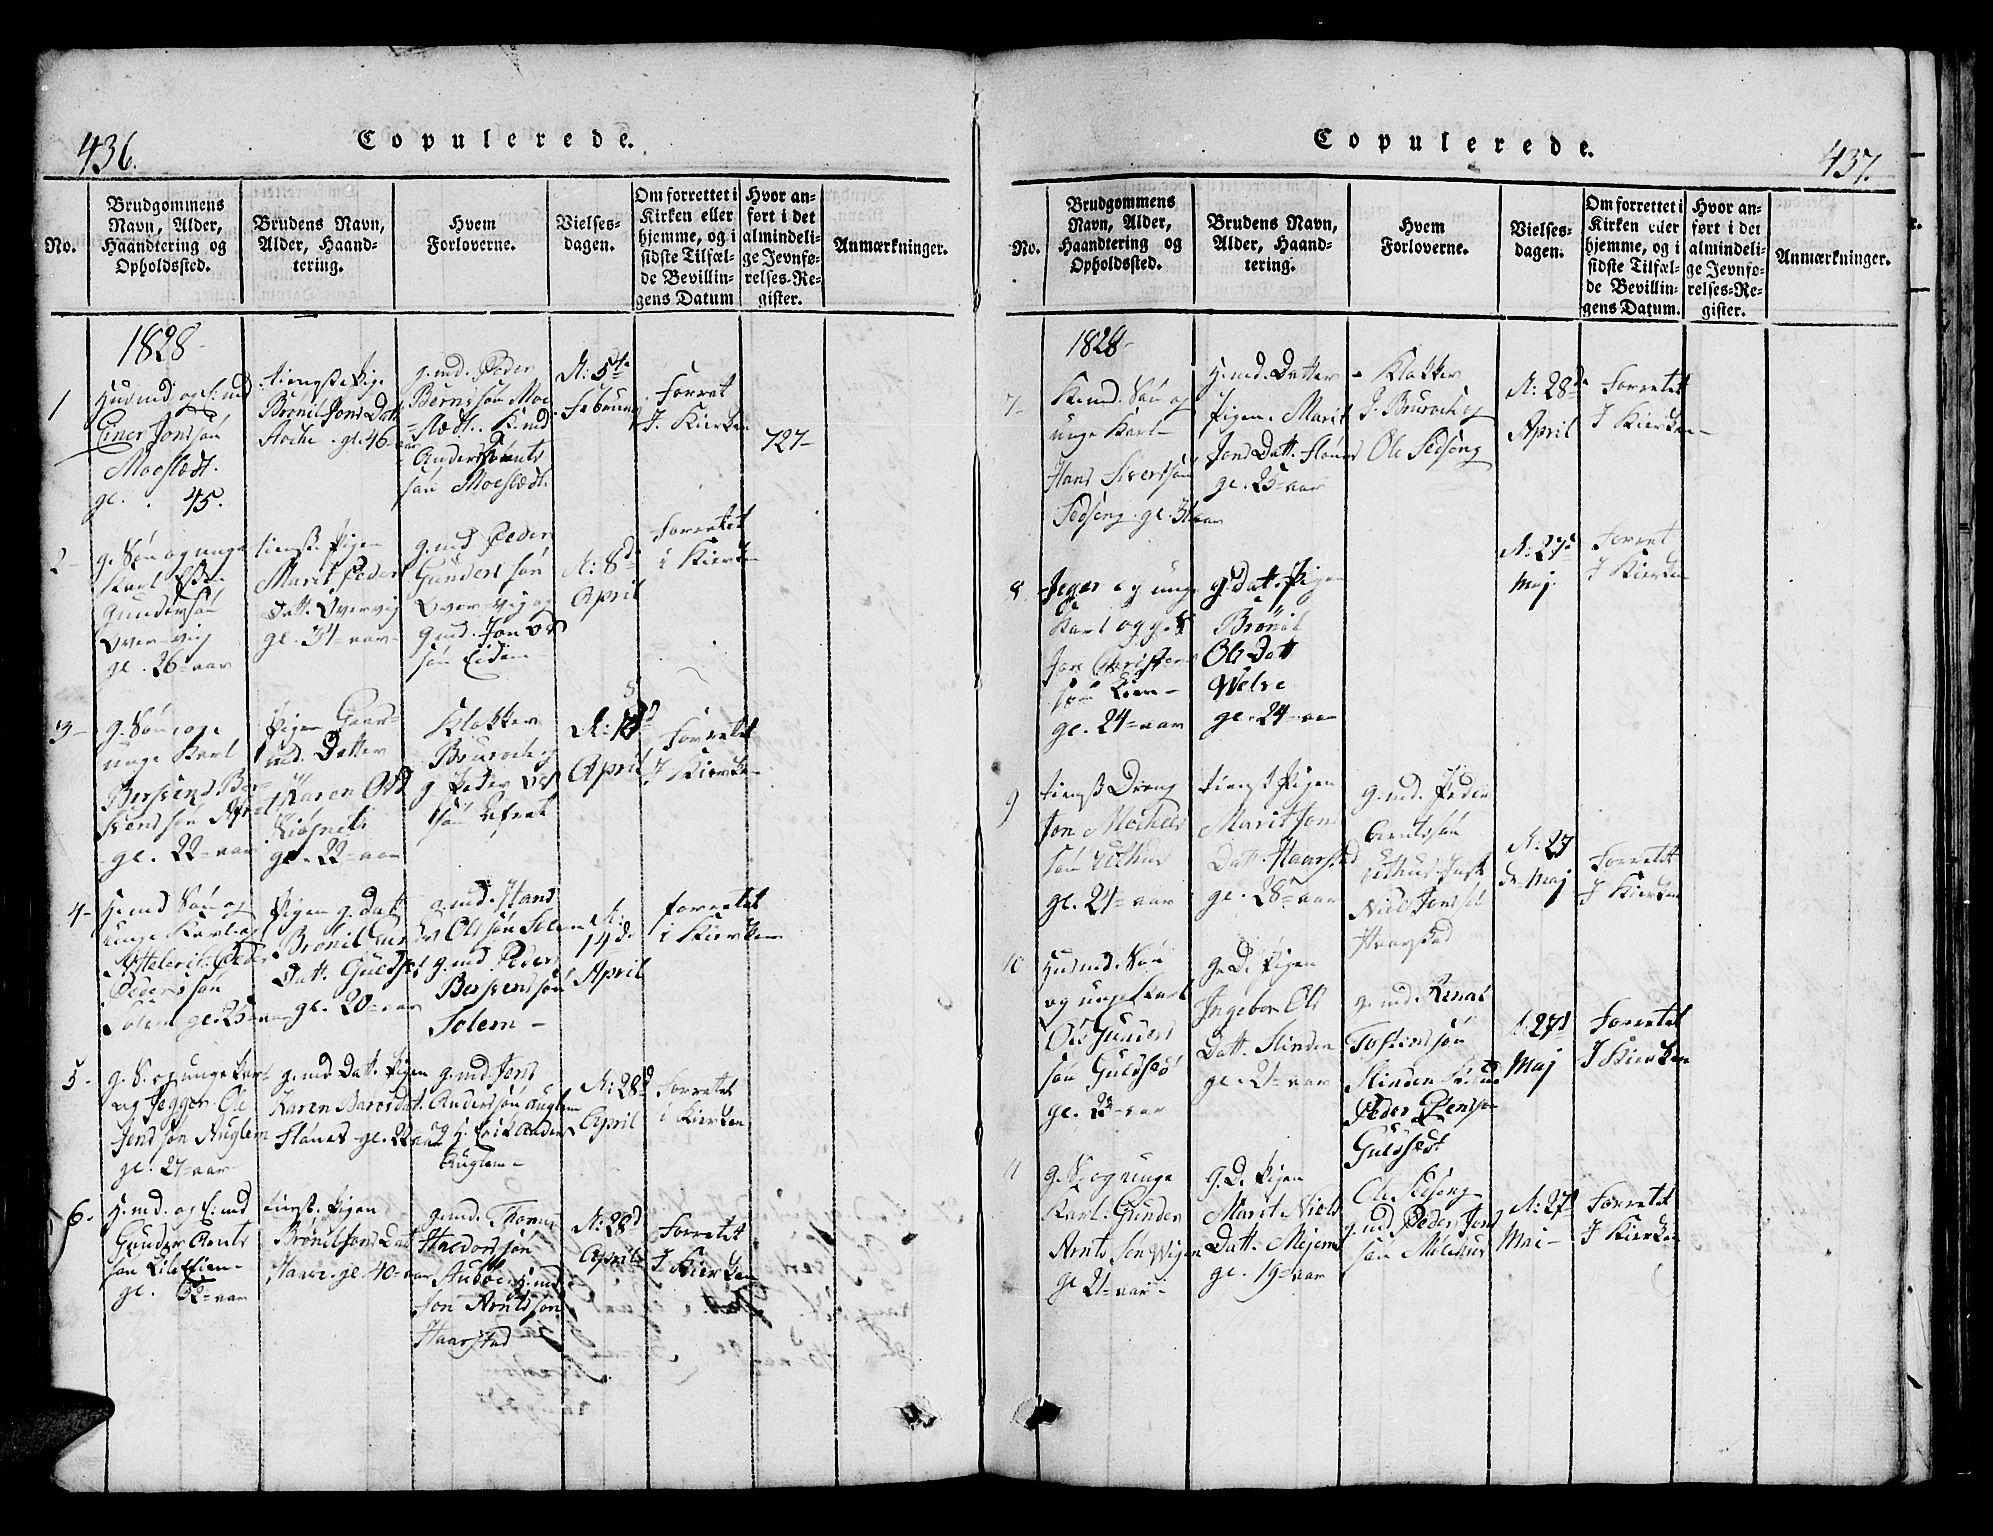 SAT, Ministerialprotokoller, klokkerbøker og fødselsregistre - Sør-Trøndelag, 695/L1152: Klokkerbok nr. 695C03, 1816-1831, s. 436-437